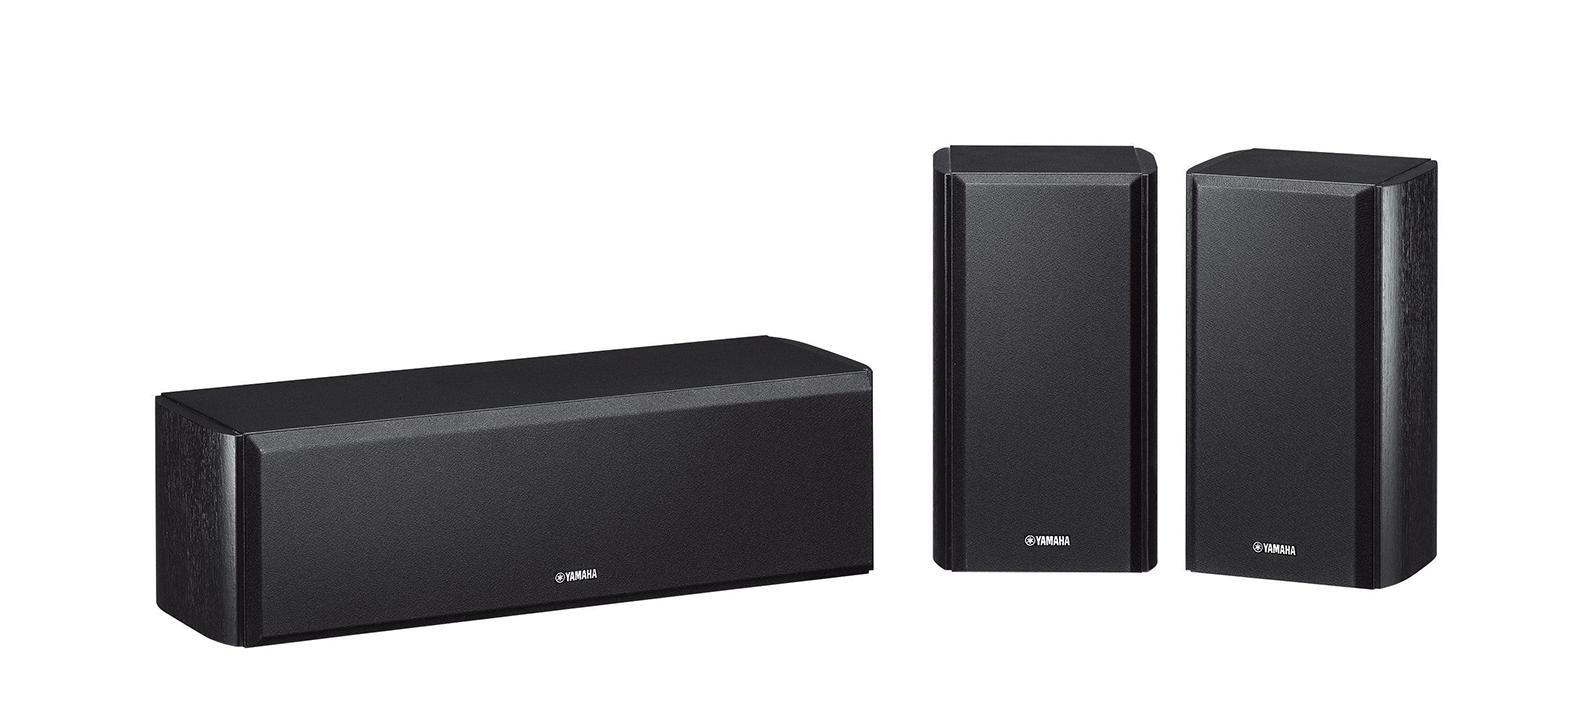 Центральная и тыловые колонки Yamaha NS-P160, BlackANSP160BLКомплект из центральной АС и двух АС окружающего звучания обеспечивает высокое качество звука, характерное для акустики Yamaha. Колонки выполнены в закрытом корпусе, имеют 2-полосную конструкцию с одним (АС окружающего звучания) или двумя (АС центрального канала) коническими диффузорами 8 см и балансным куполом 1,4 см.